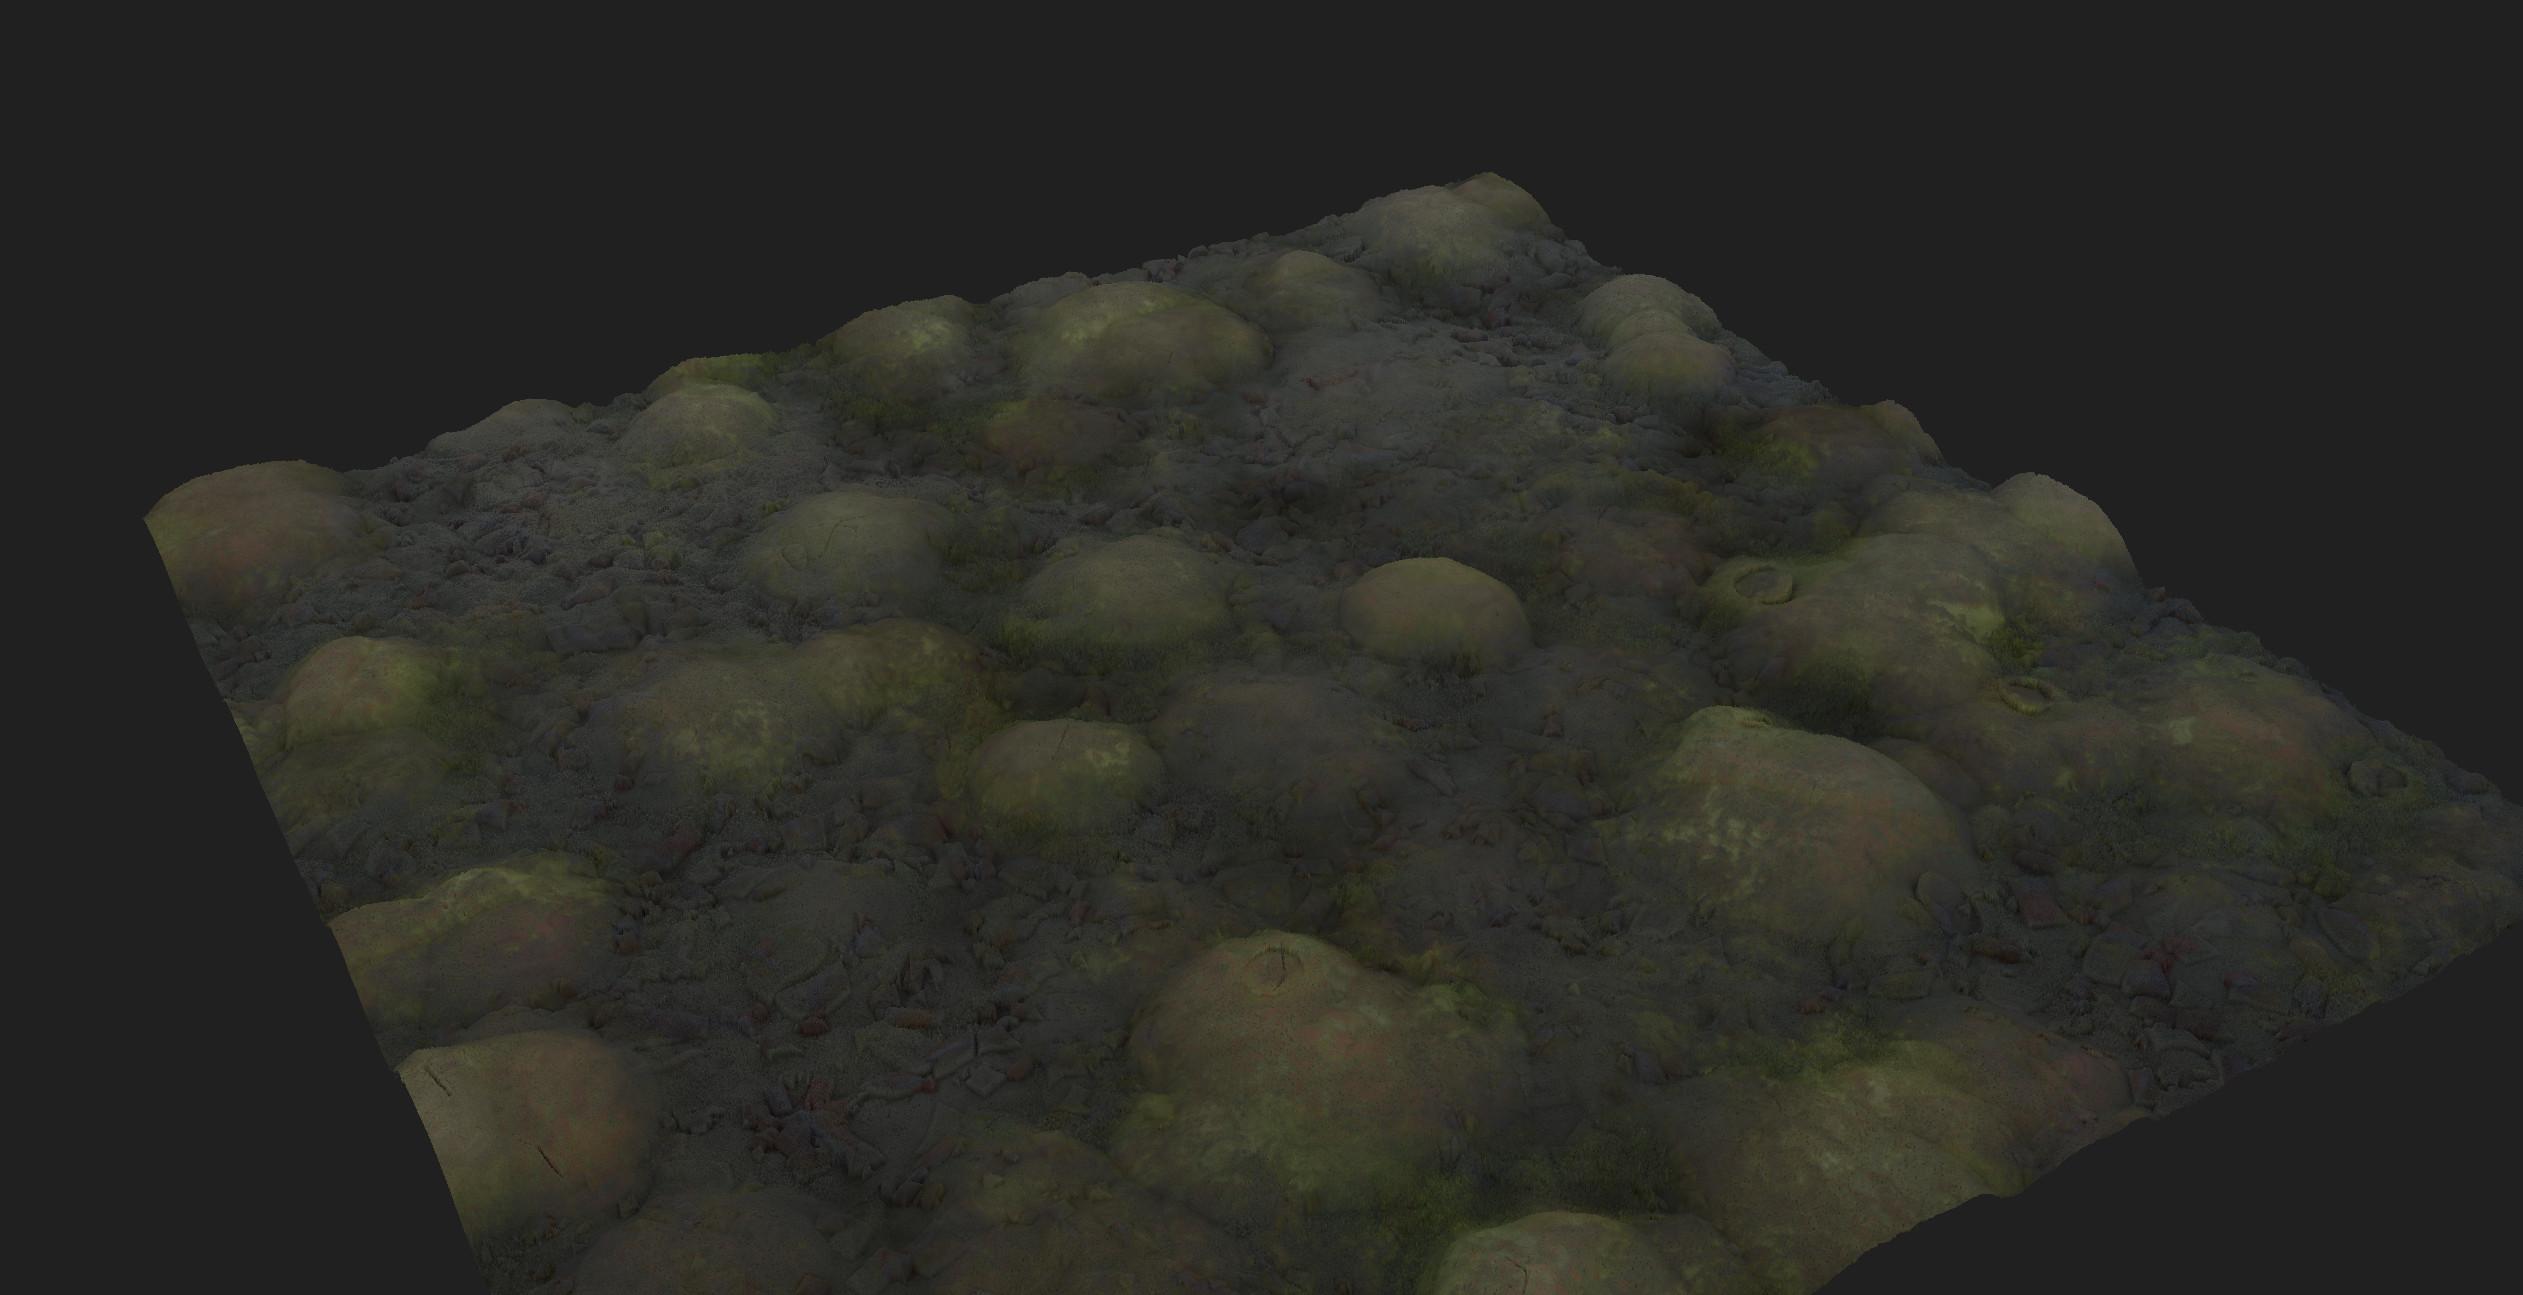 Stone ground, still wet on dirt